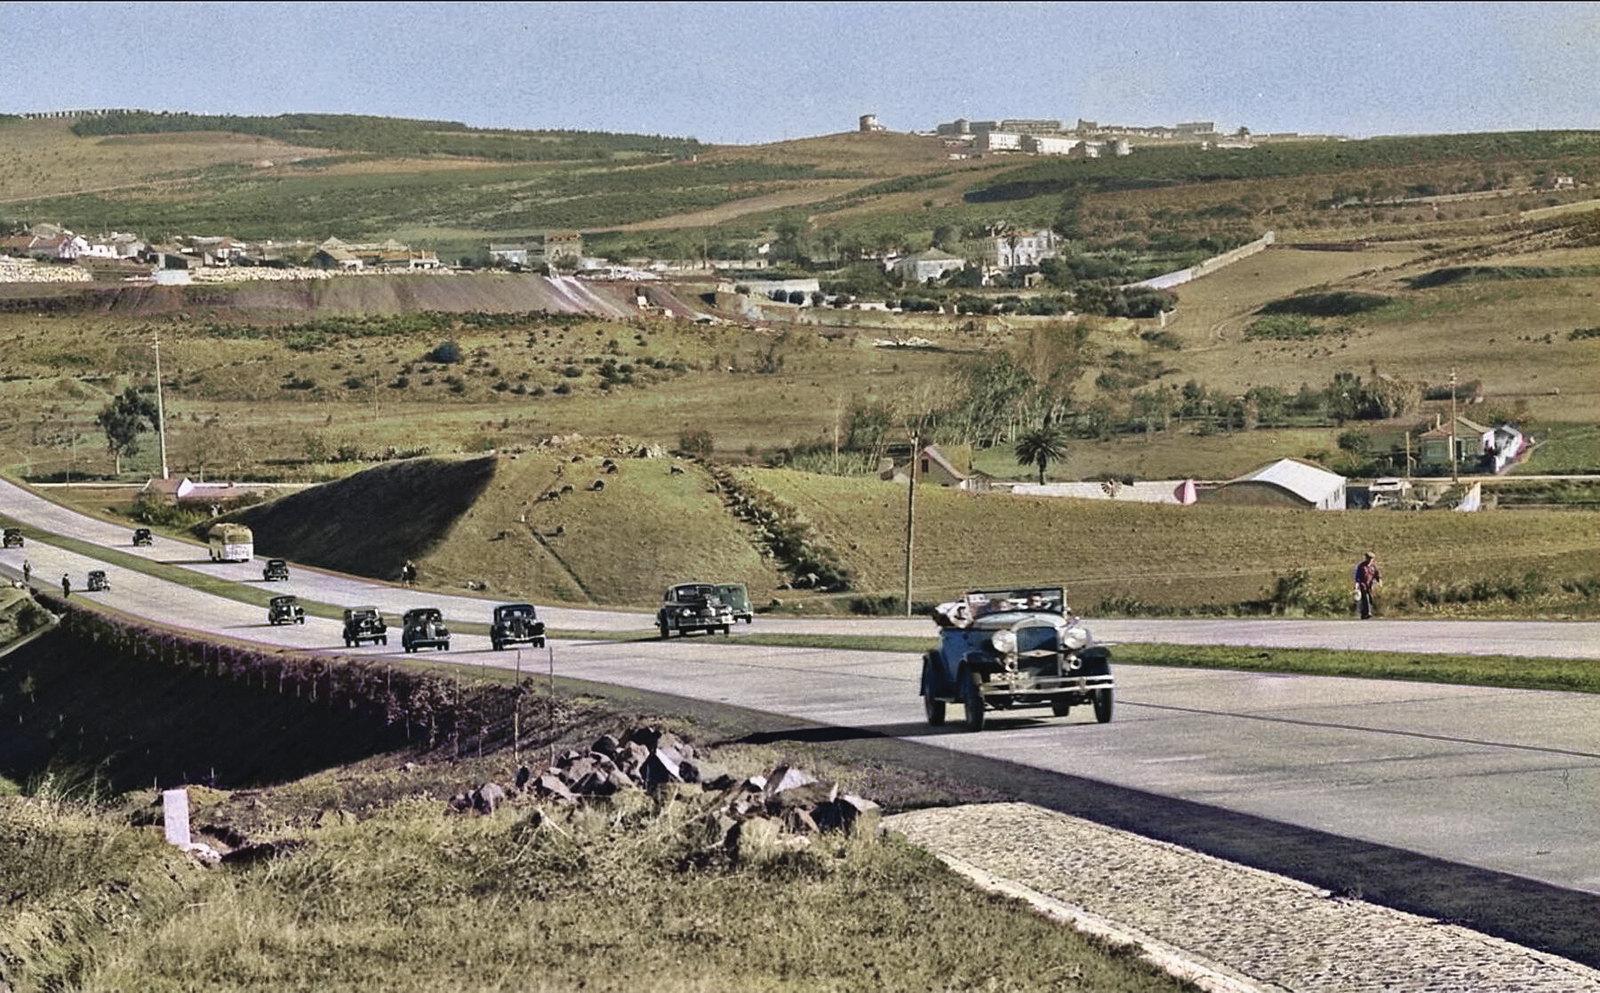 Auto-estrada do Estádio, Outurela (M. Novais, c. 1948)